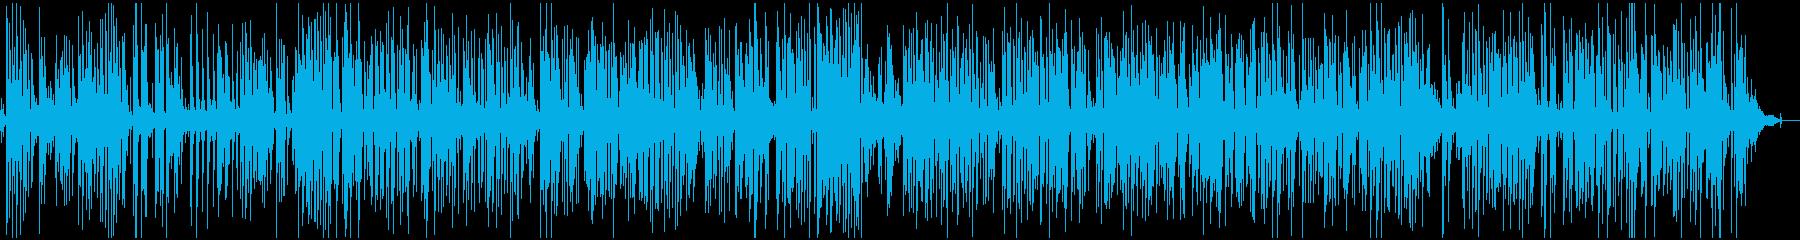 疾走感アコースティックジャズピアノトリオの再生済みの波形